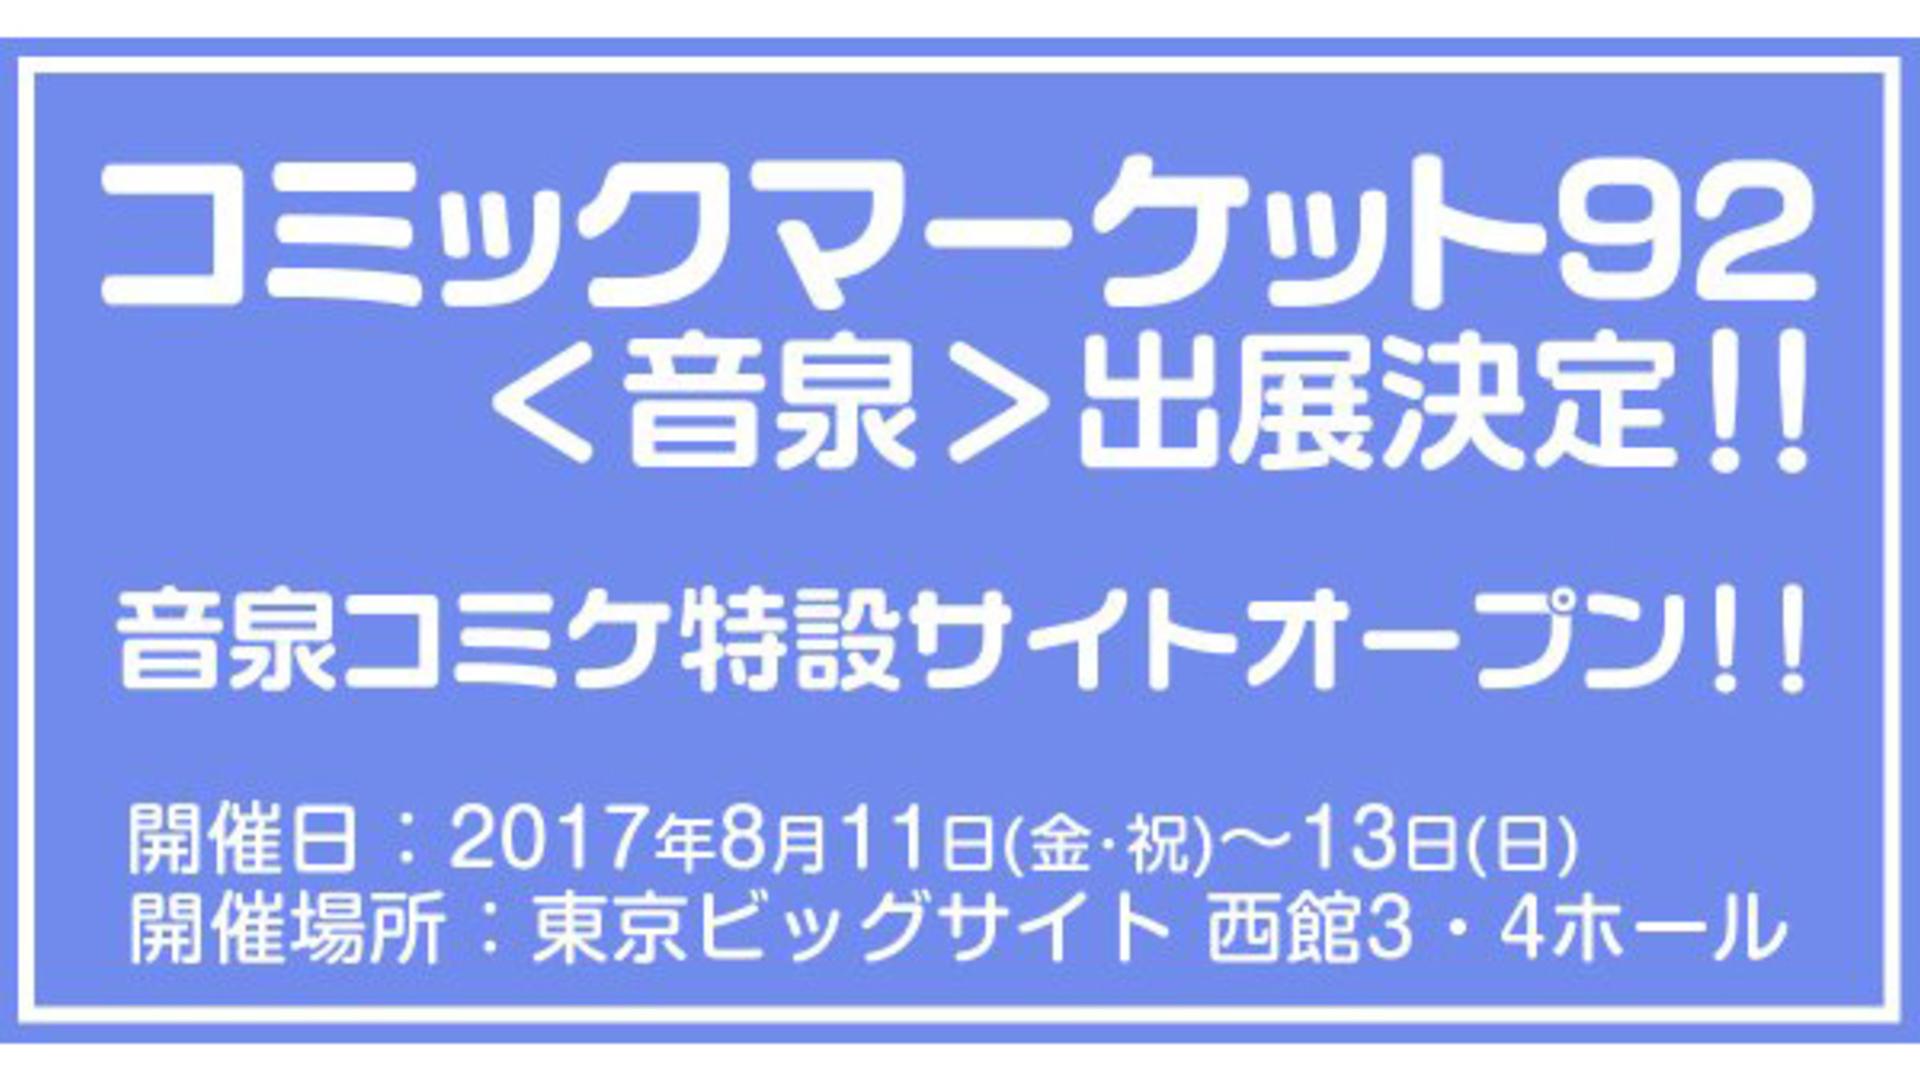 音泉コミケ92特設サイト